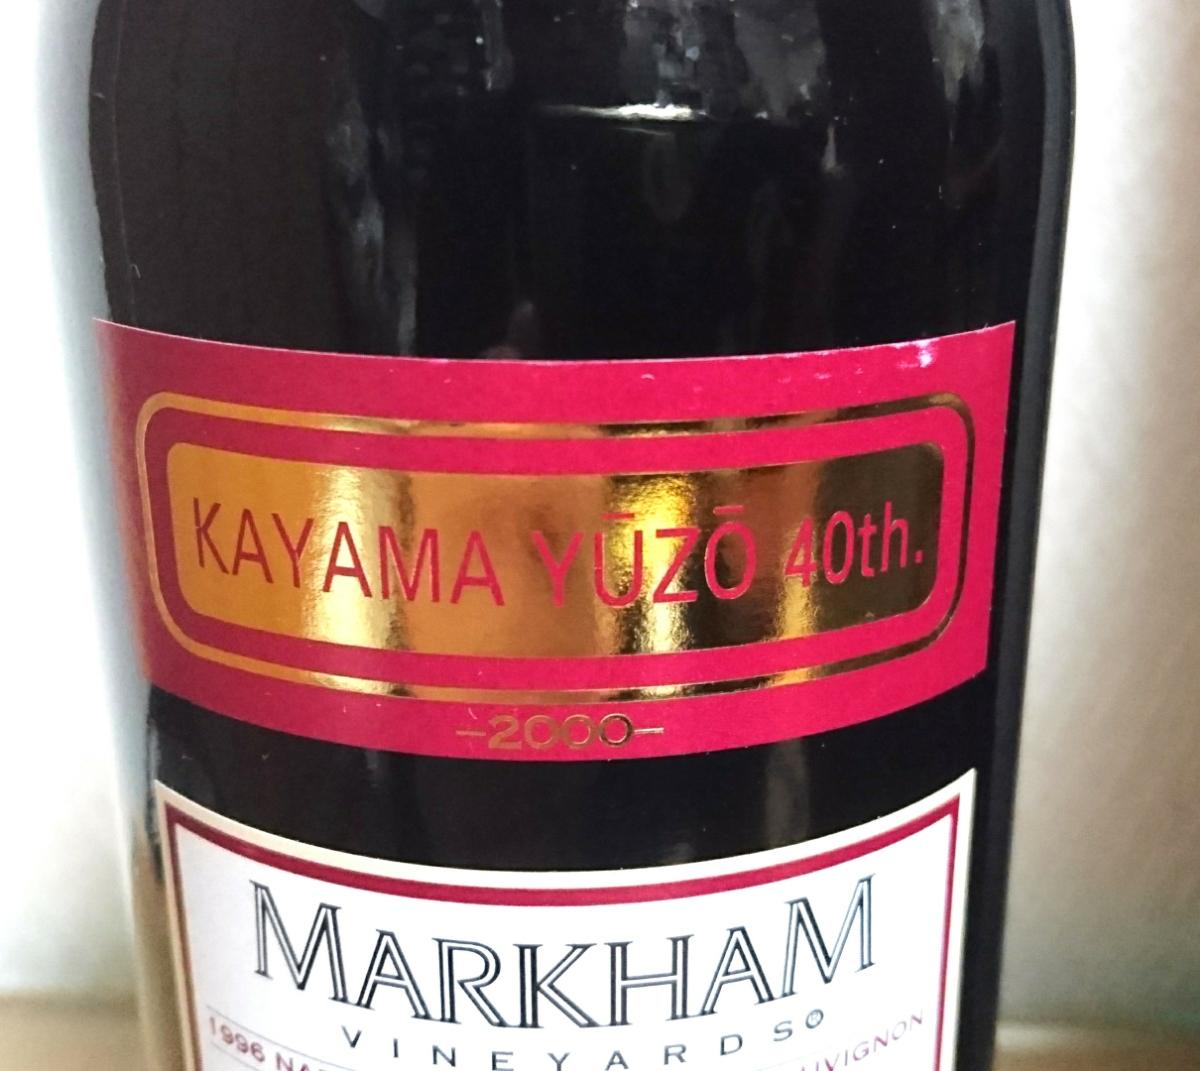 加山雄三 40周年記念 マーカム カベルネ・ソーヴィニヨン 1996年 赤ワイン 750ml_画像3